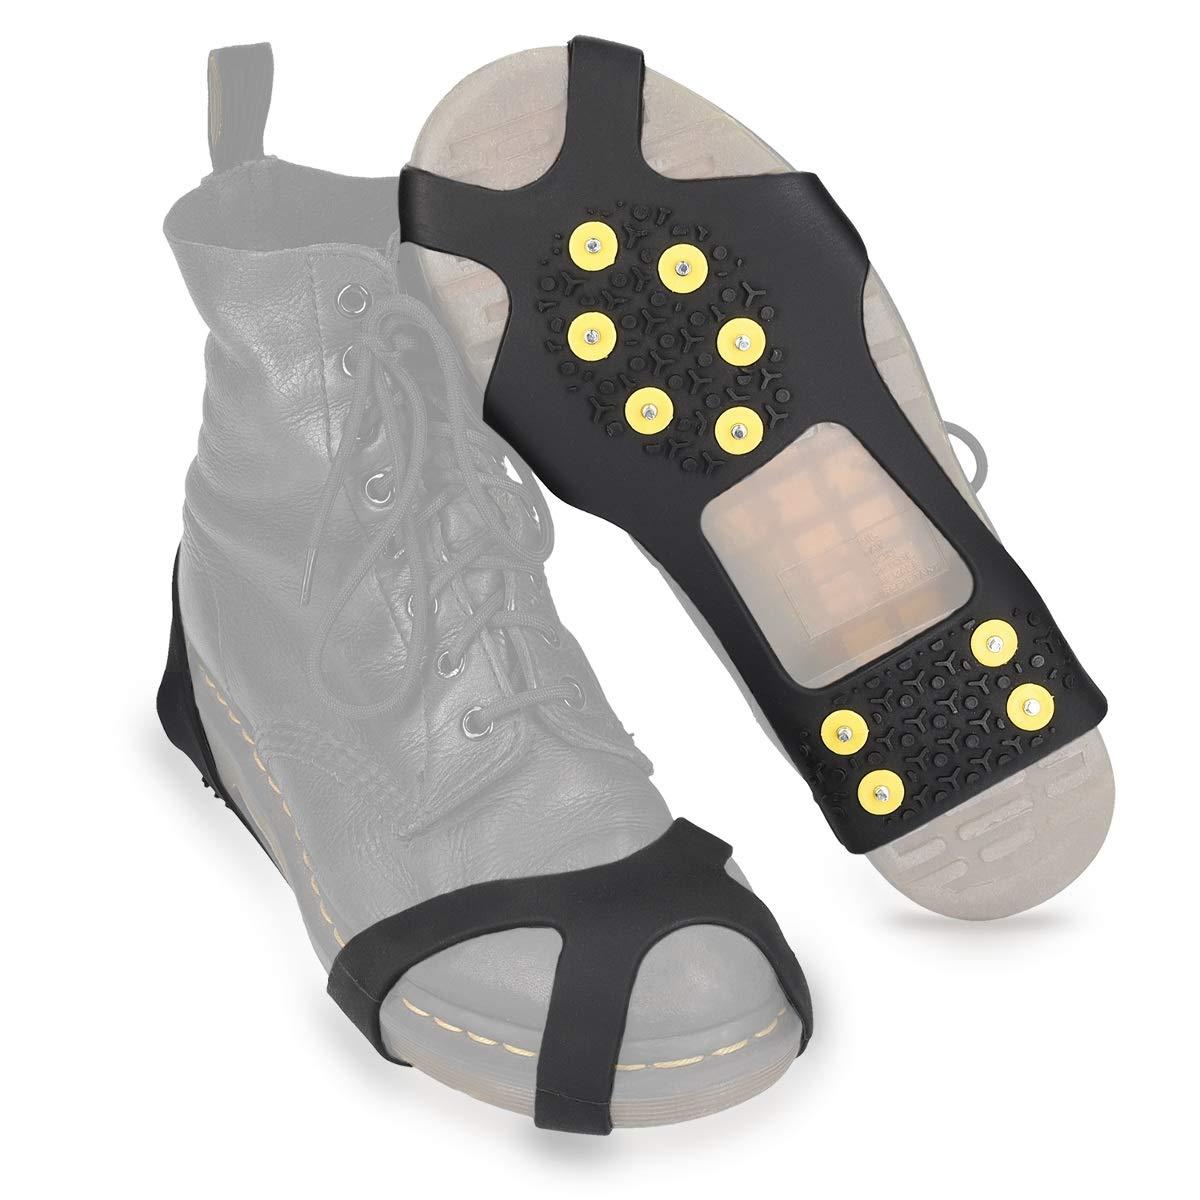 Navaris Crampon Neige pour Chaussure - Paire Crampon antidérapant en Silicone avec 10 Pointes en Acier - Ski Glace verglas randonnée - Taille M et L